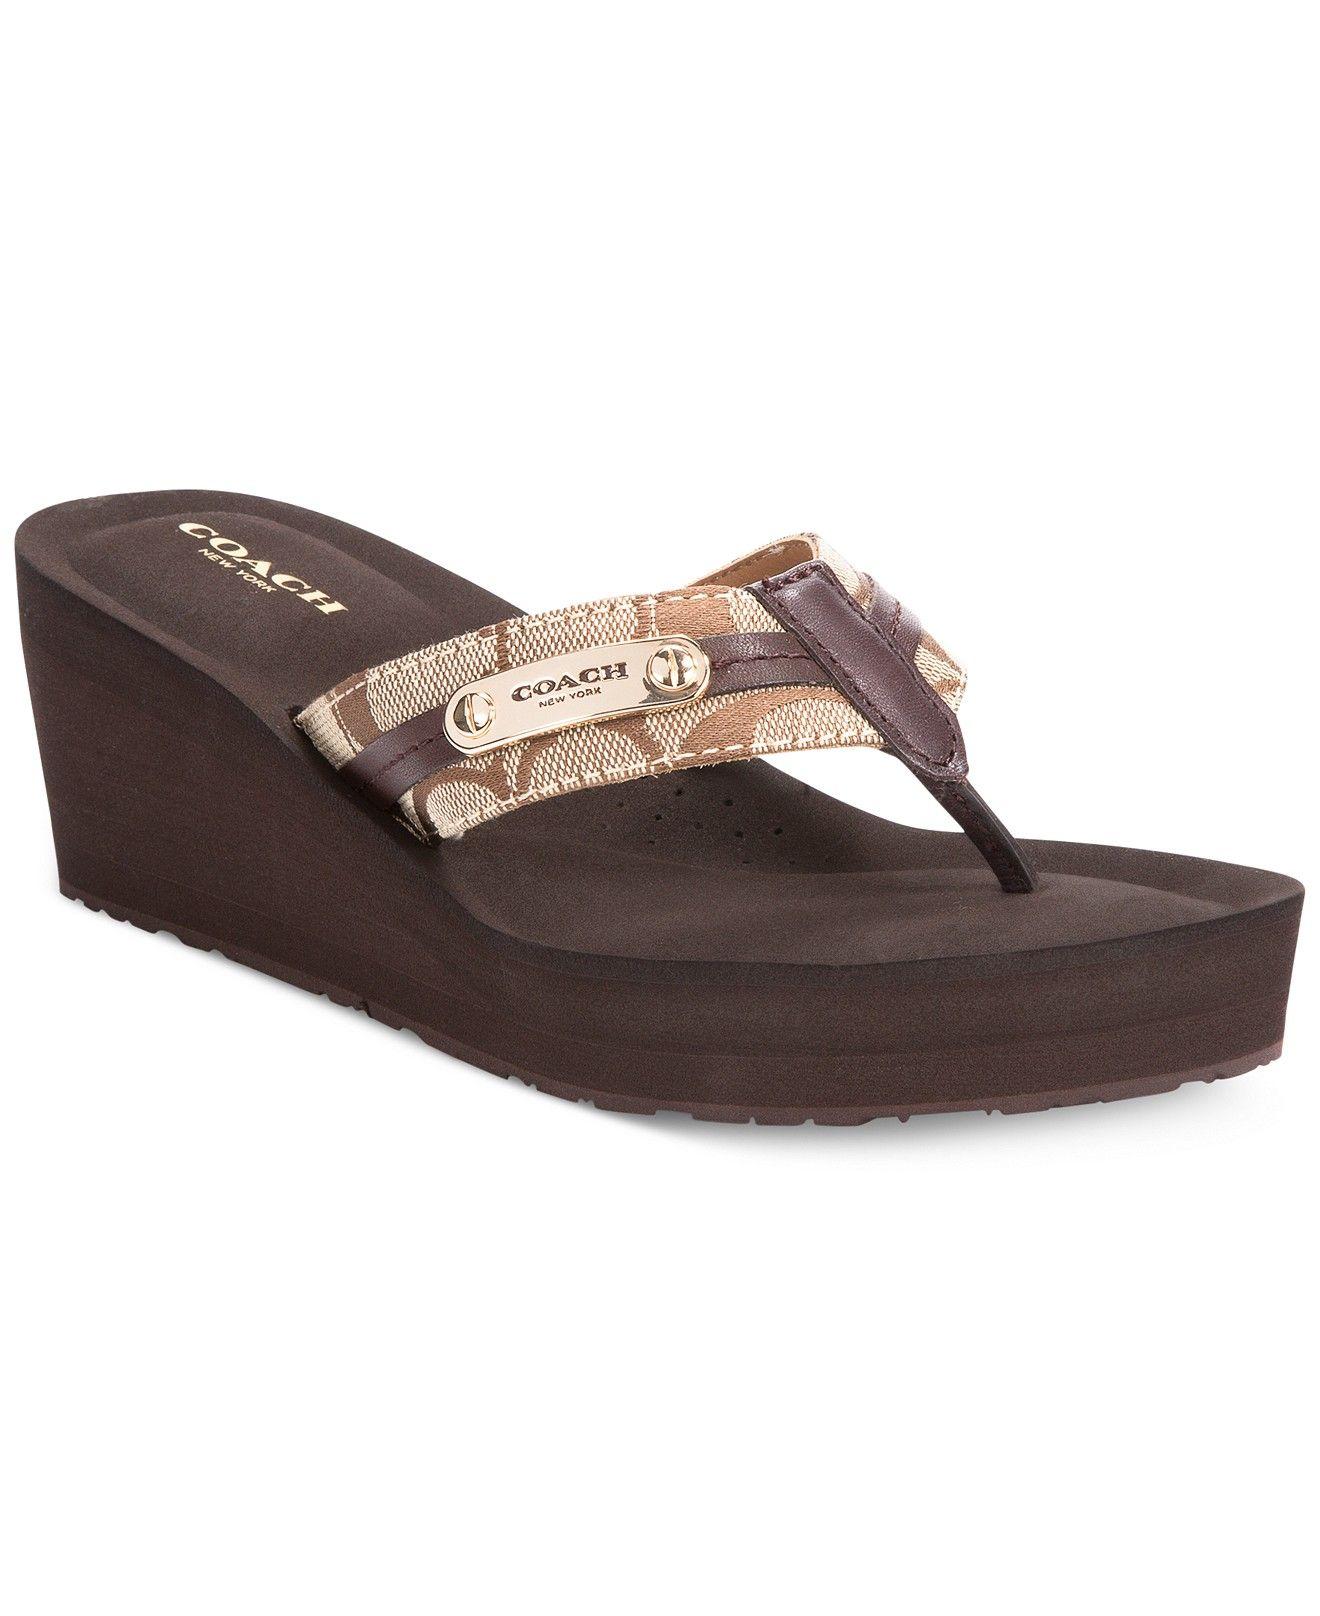 fe5edee268f8 COACH Jaden Wedge Flip Flops - Sandals - Shoes - Macy s